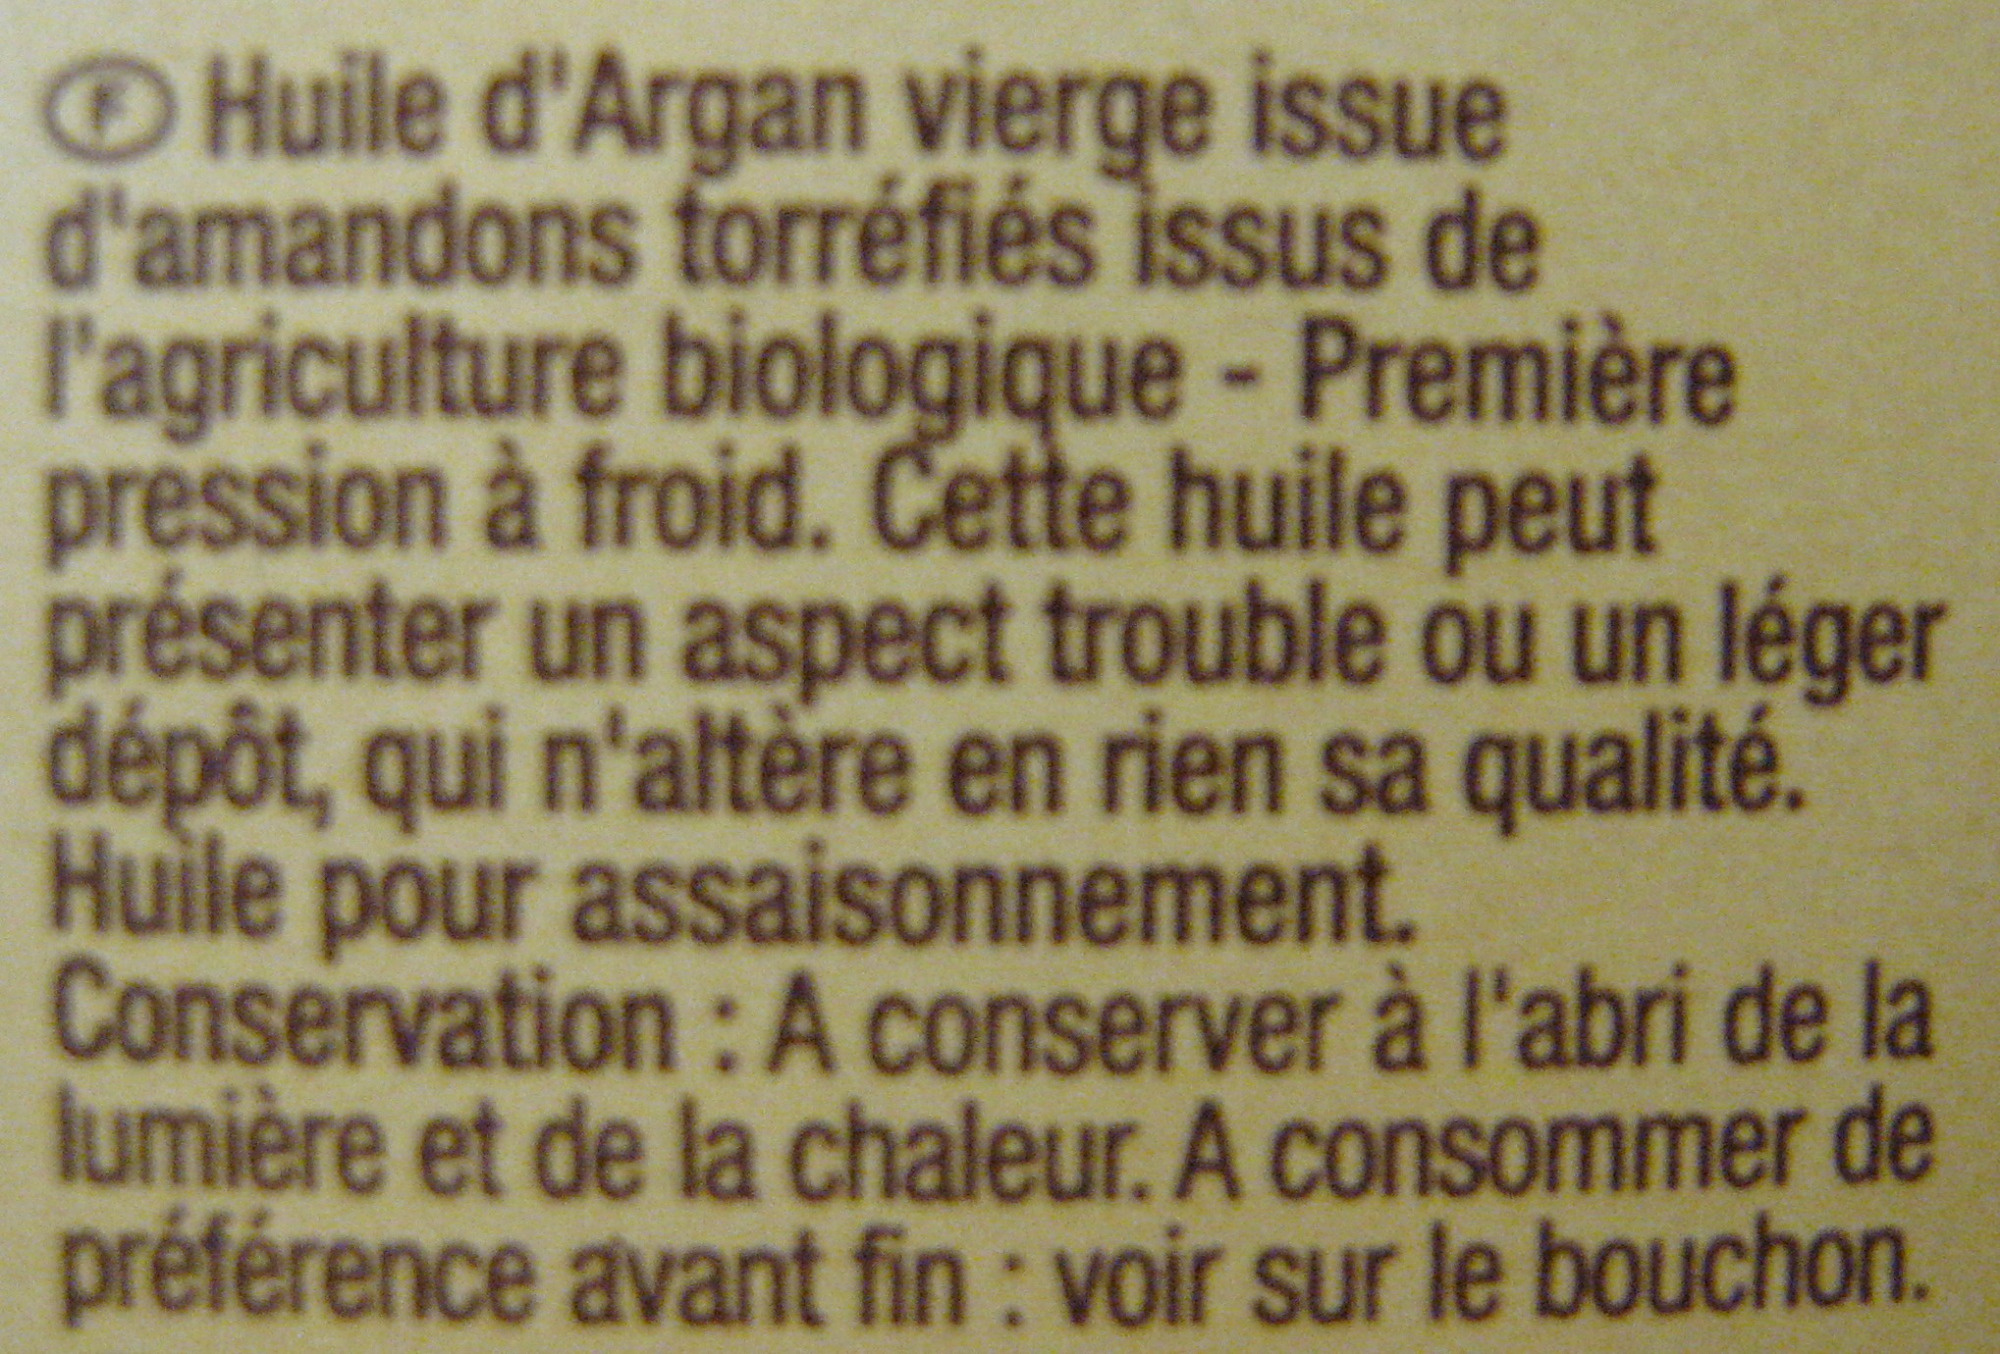 Huile d'Argan vierge bio - Ingredienti - fr